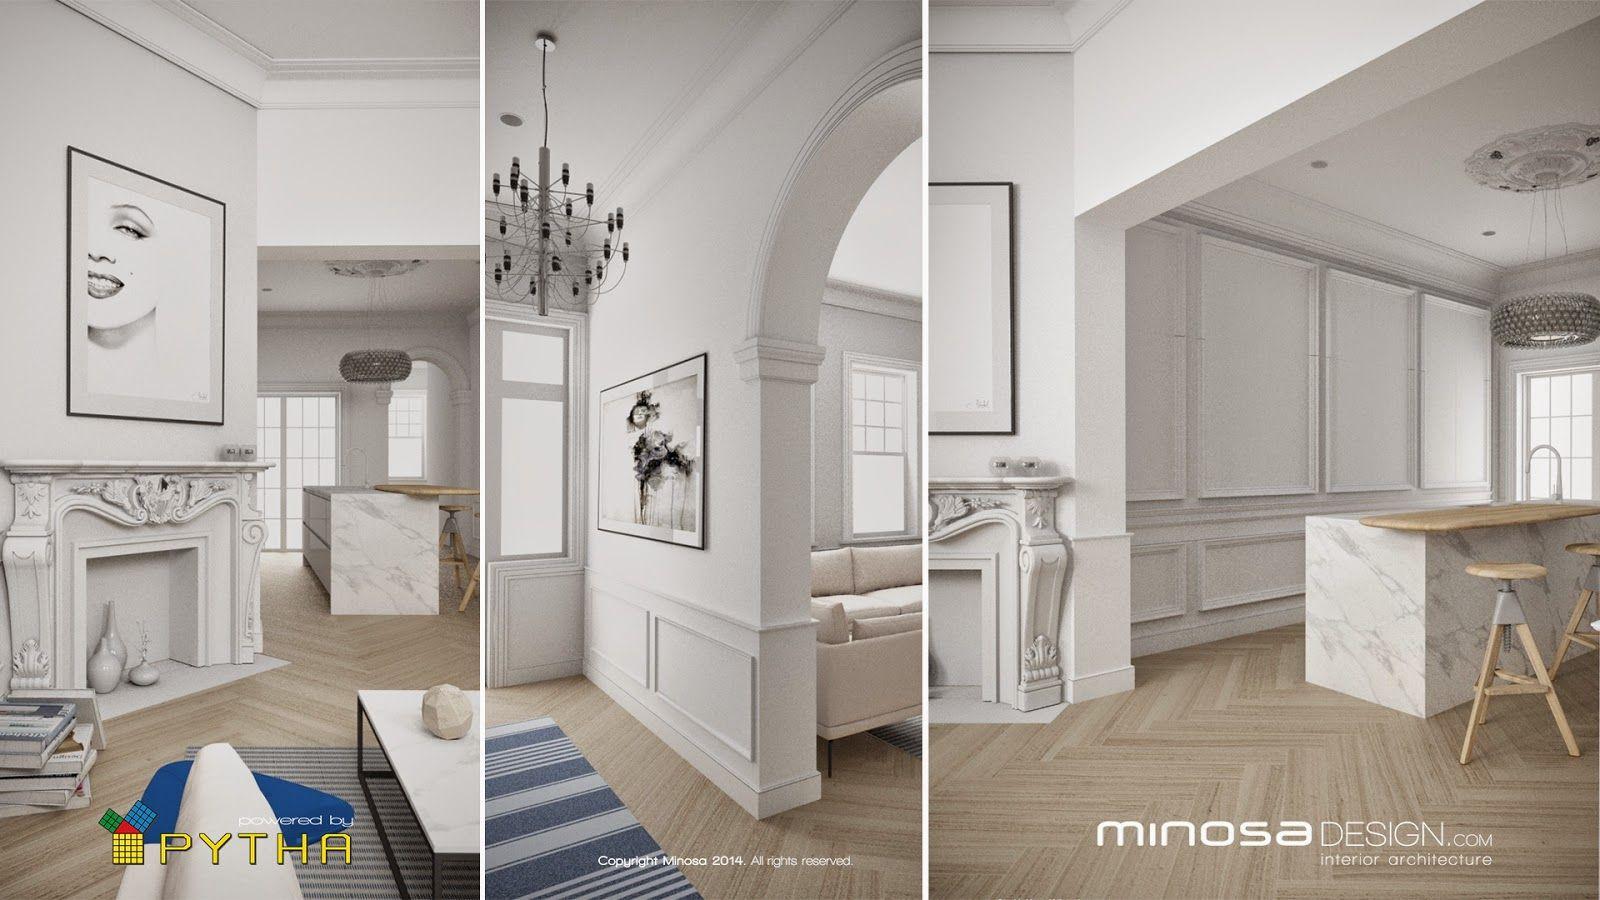 minosa-kitchen-pytha-design-cad-page-02.jpg (1600×900) | Ideas for ...